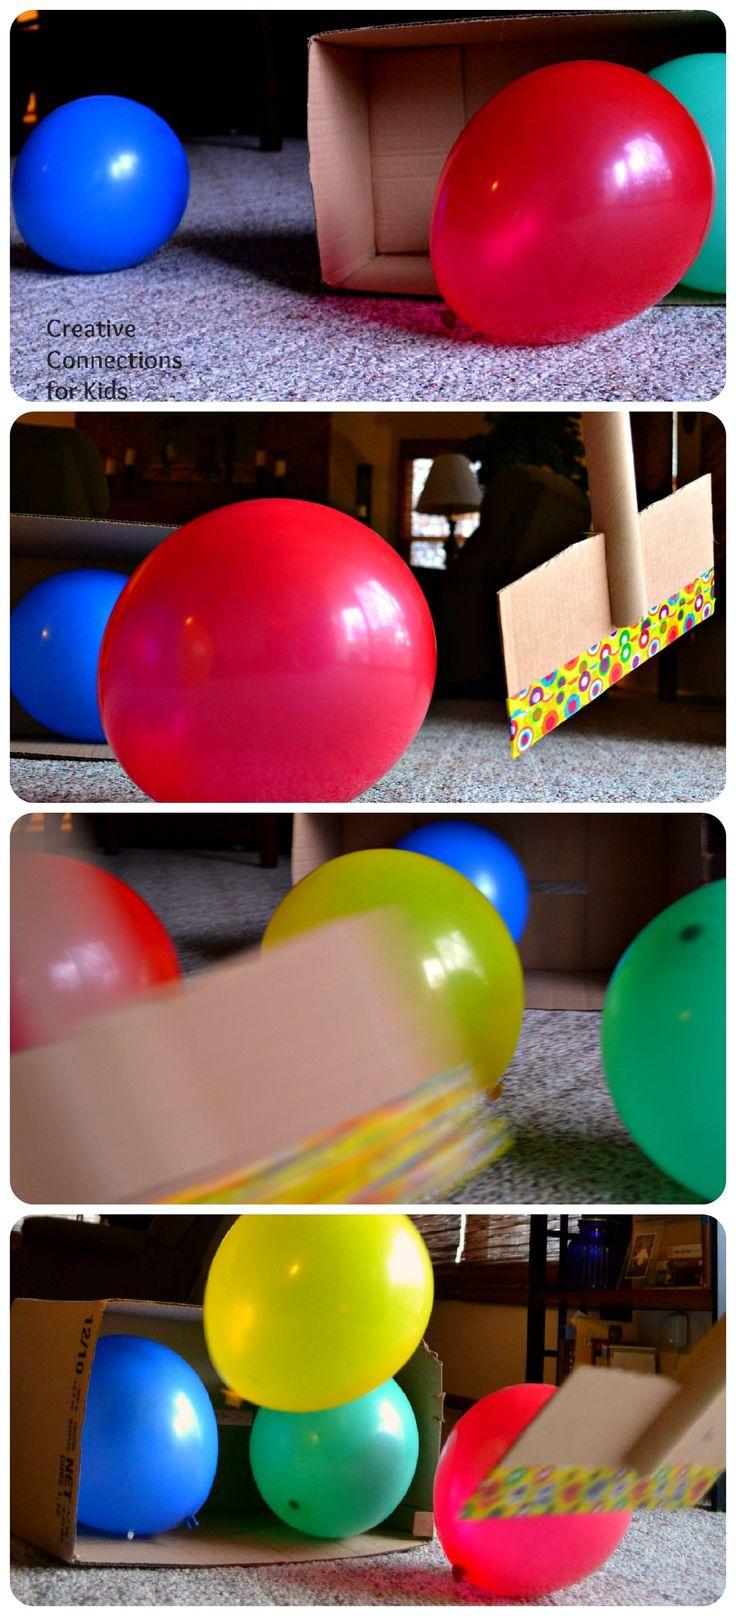 Balloon Hockey - Let's Play!